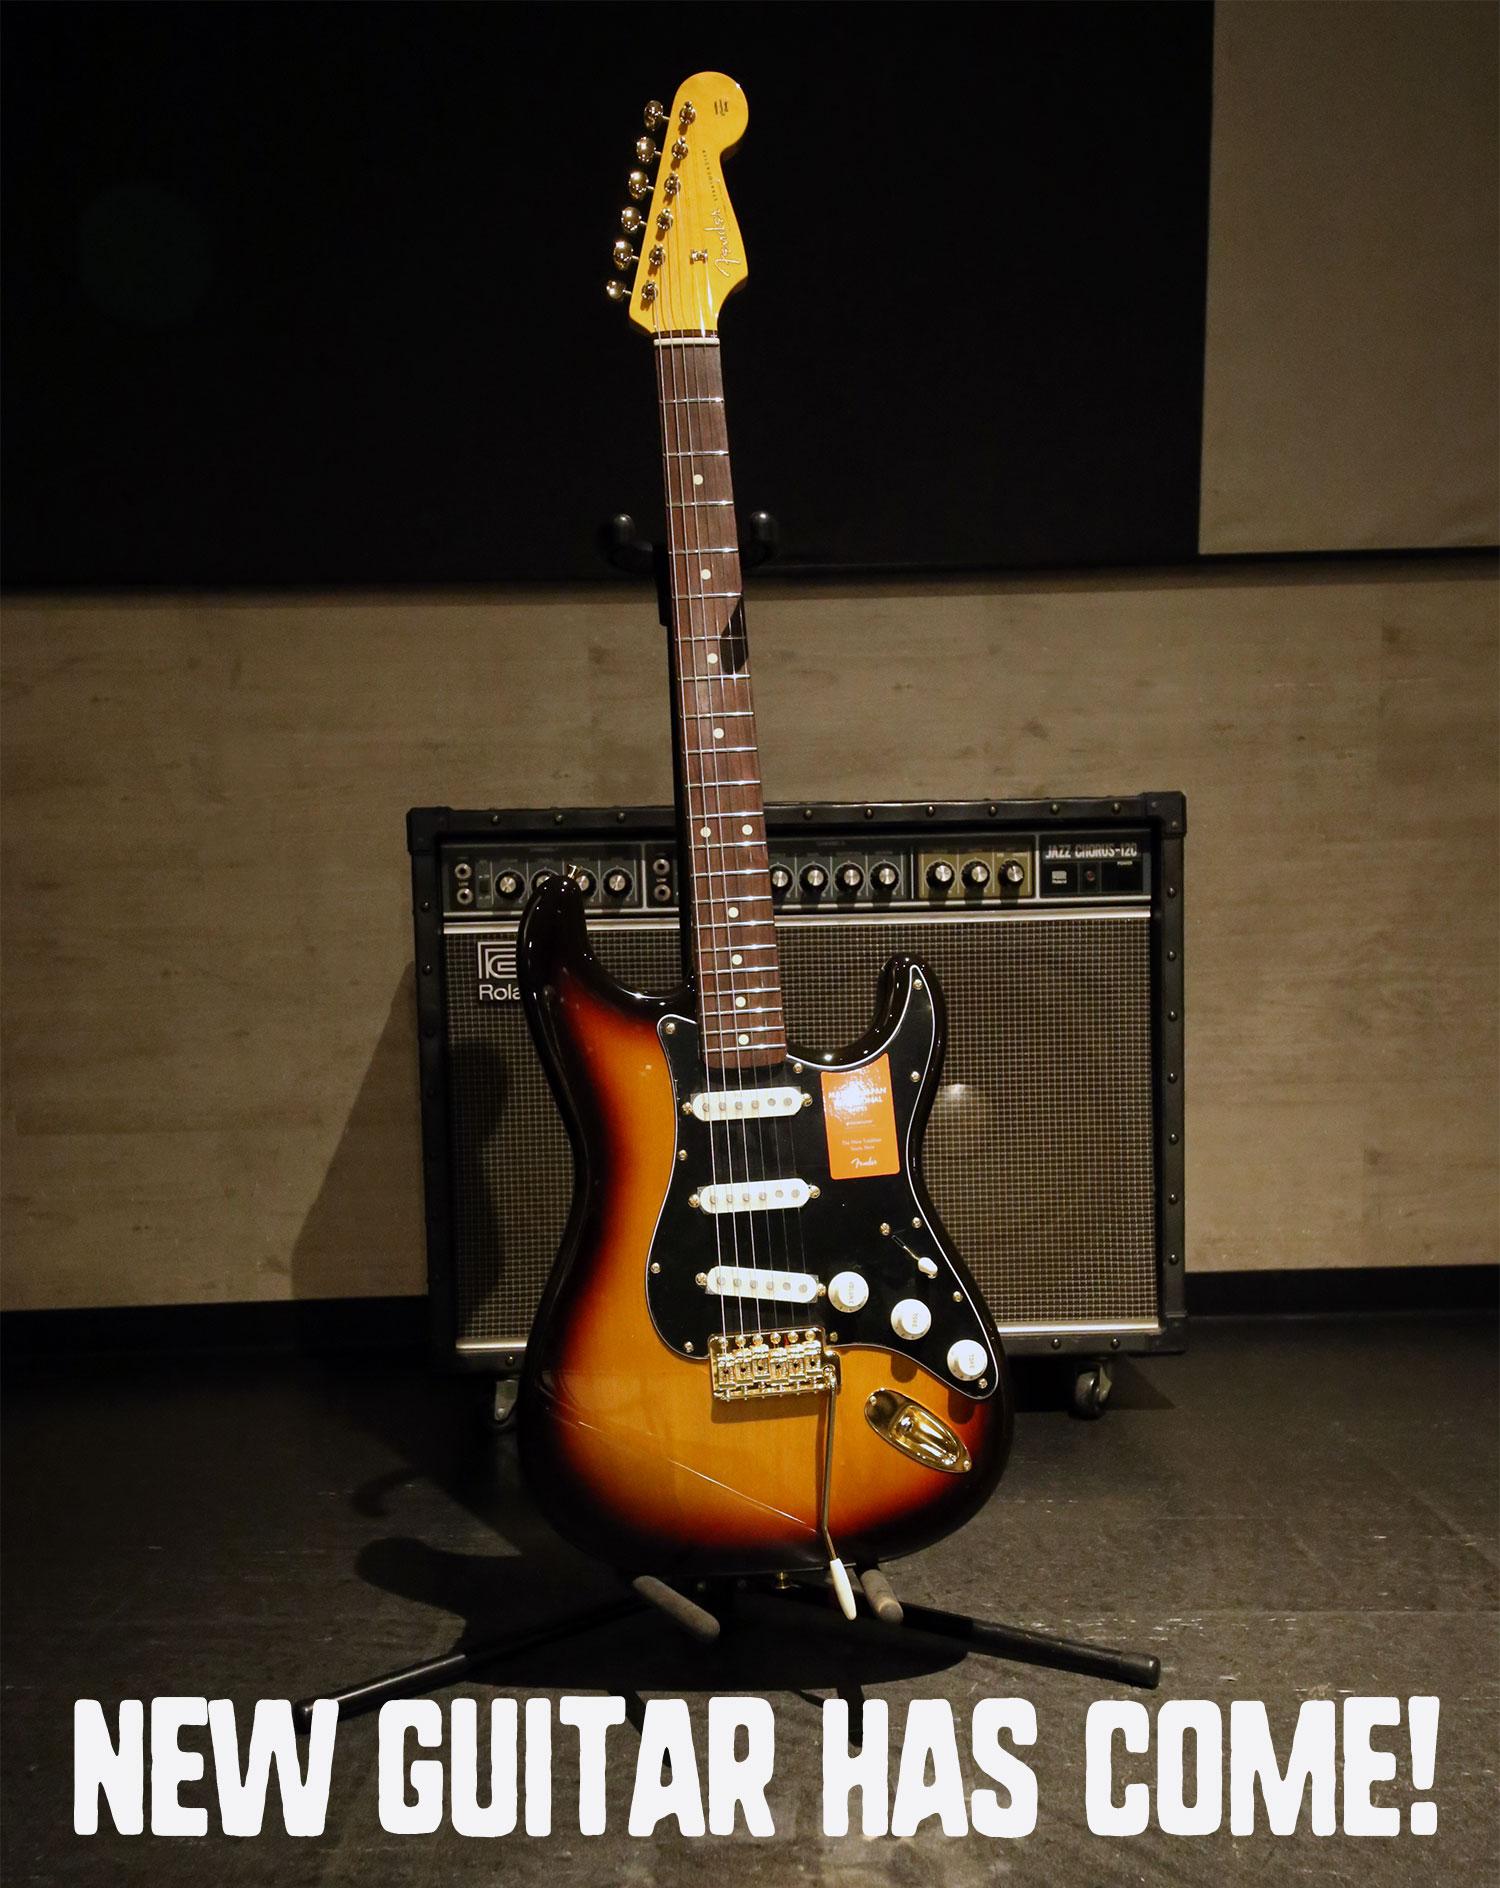 福岡の音楽スタジオ、ゴンスタジオに新レンタルギター登場!